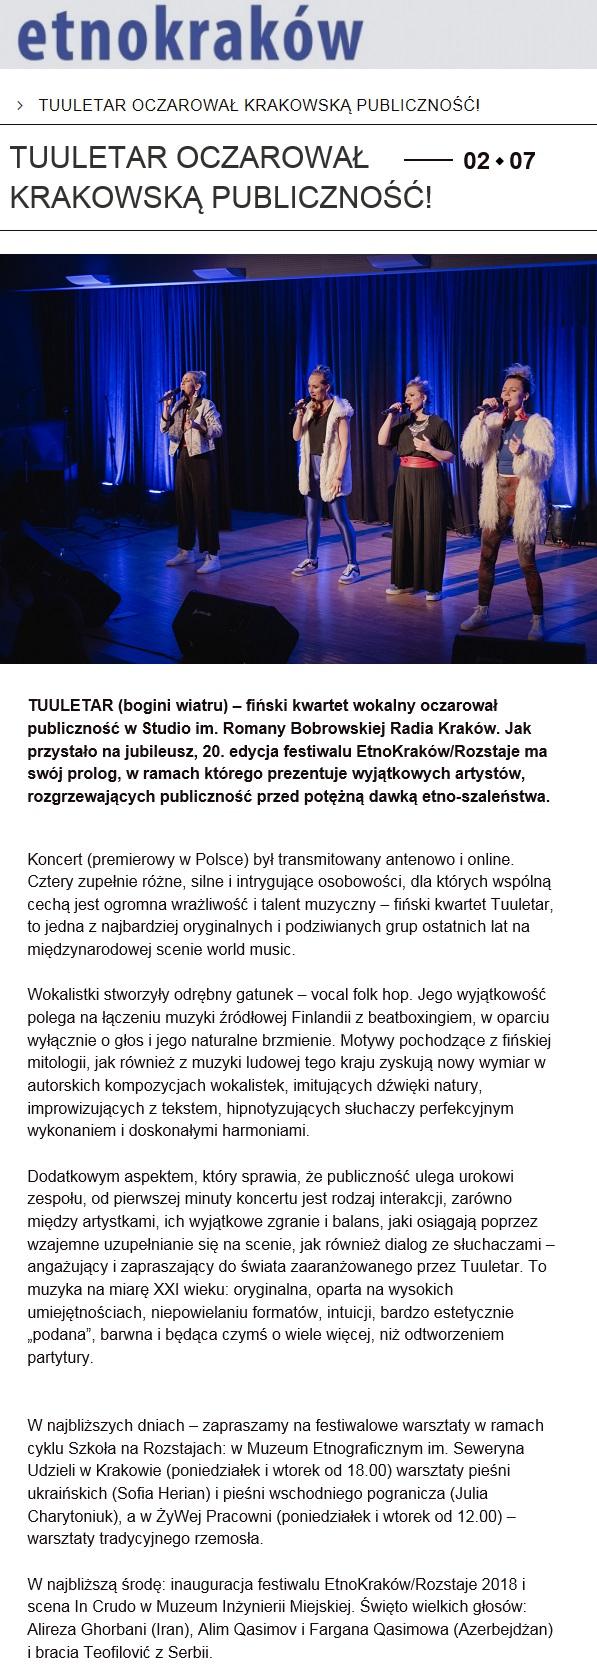 EtnoKraków (Poland), 2.7.2018